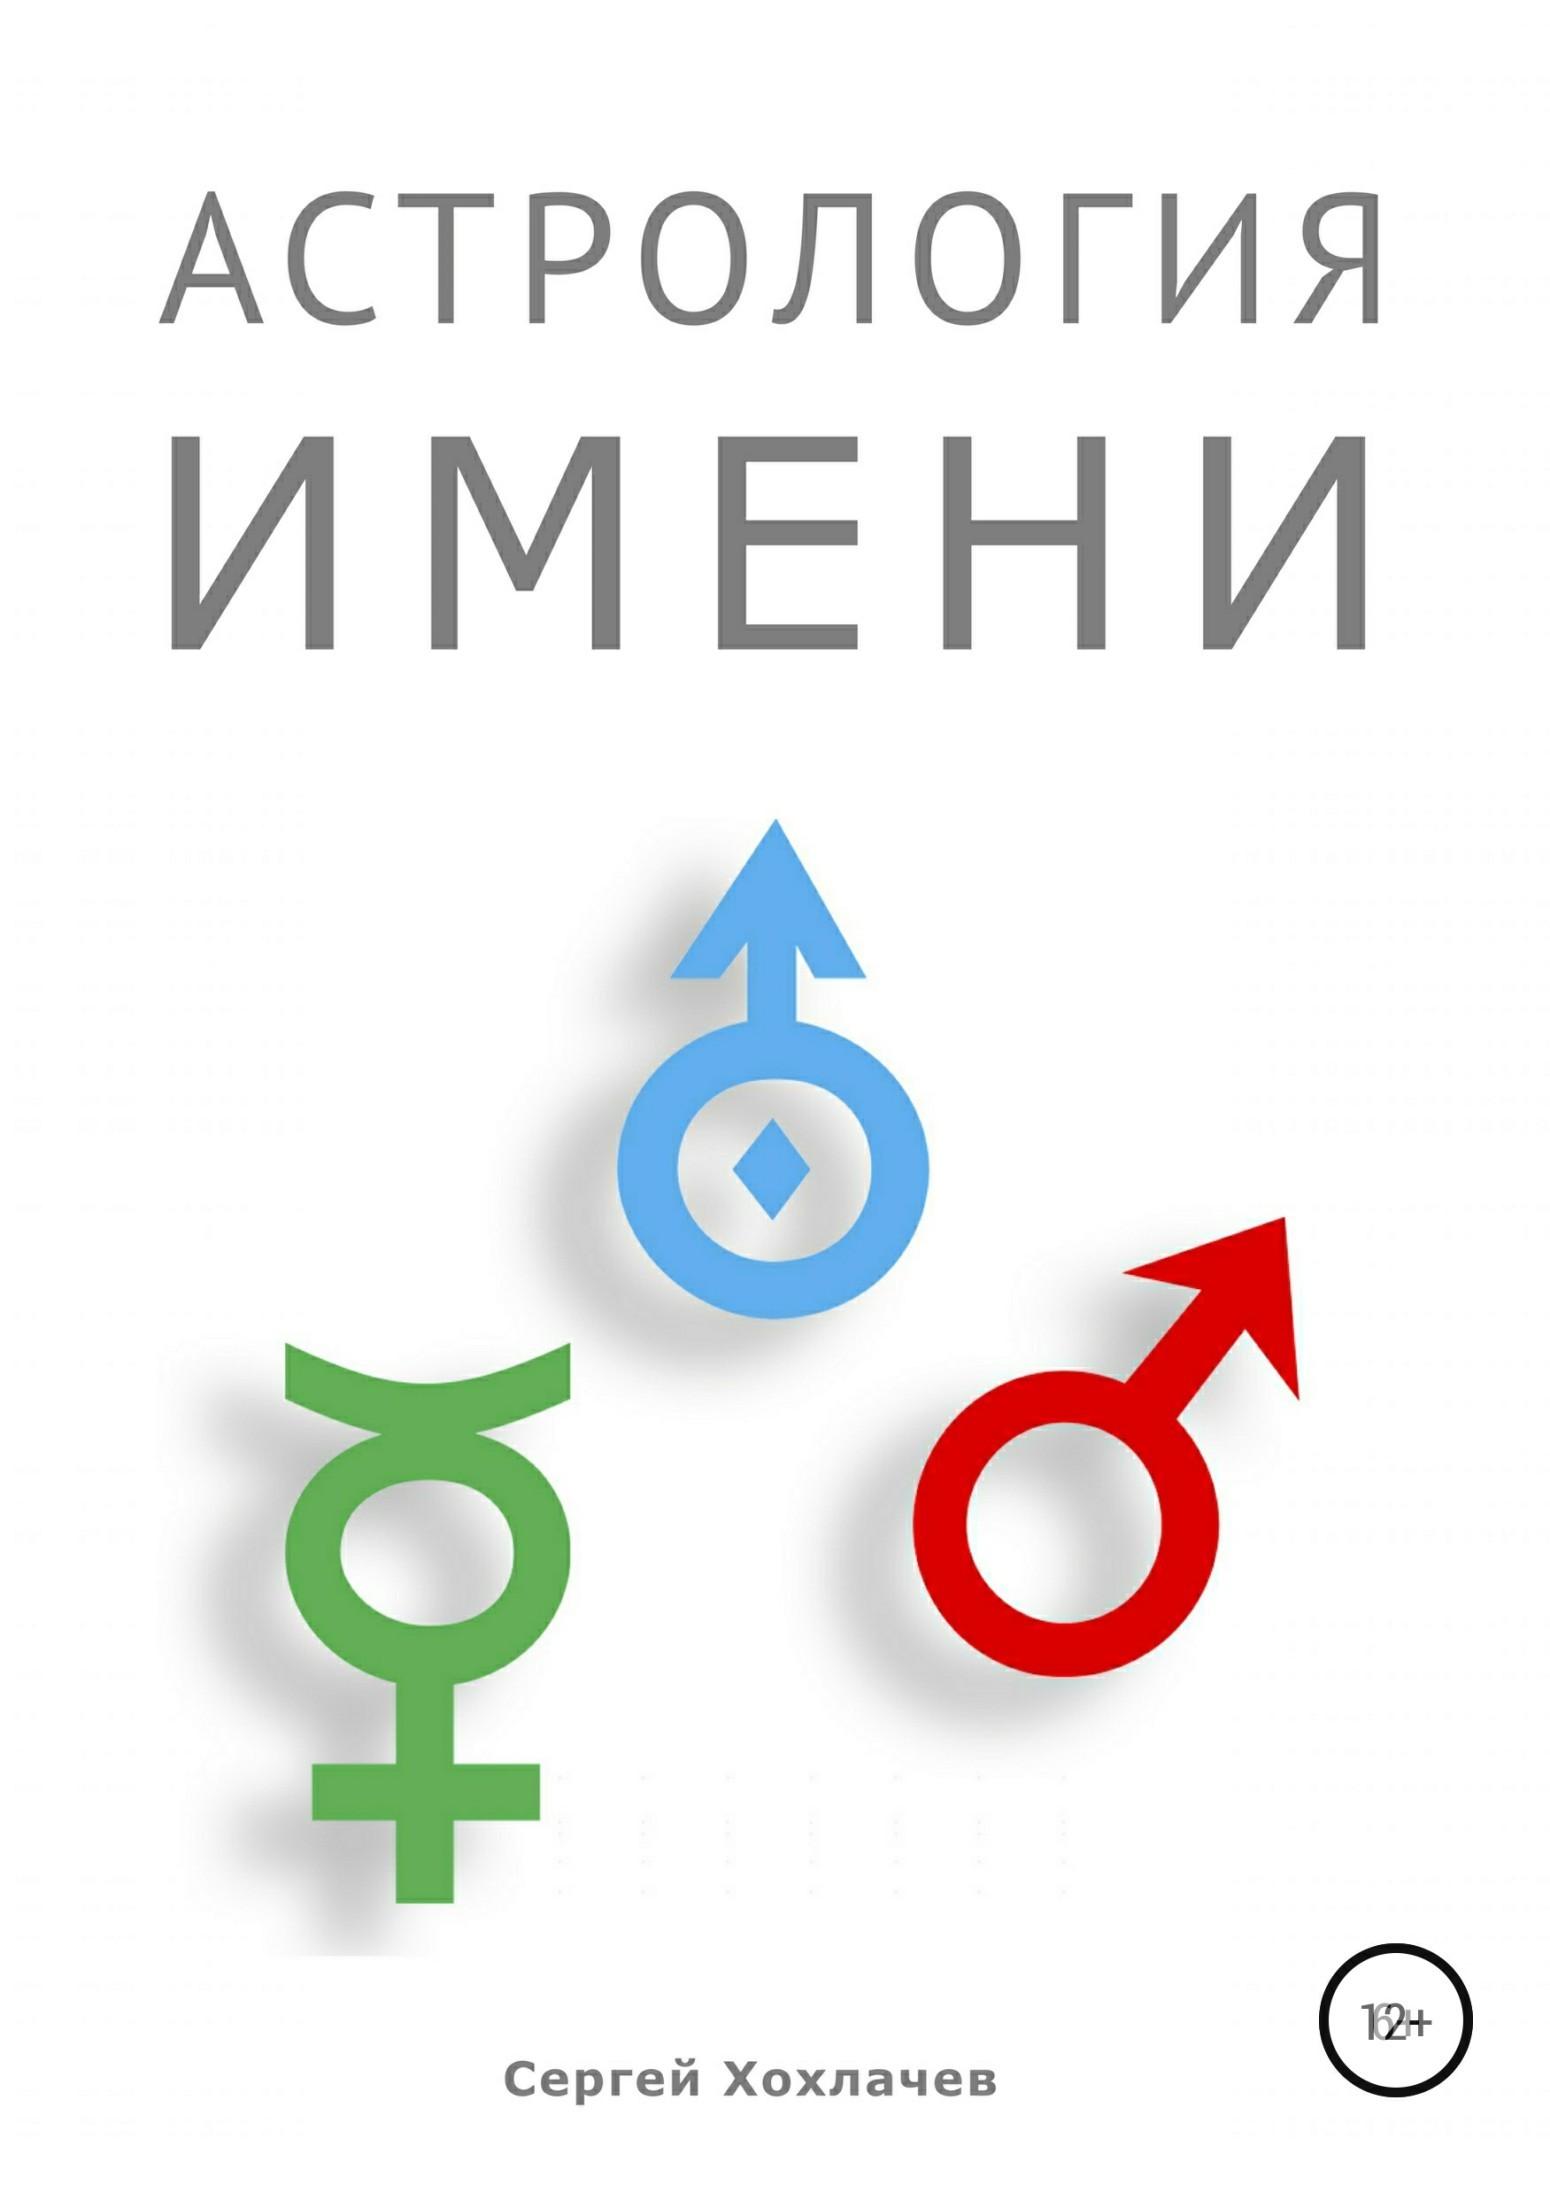 Сергей Хохлачев бесплатно